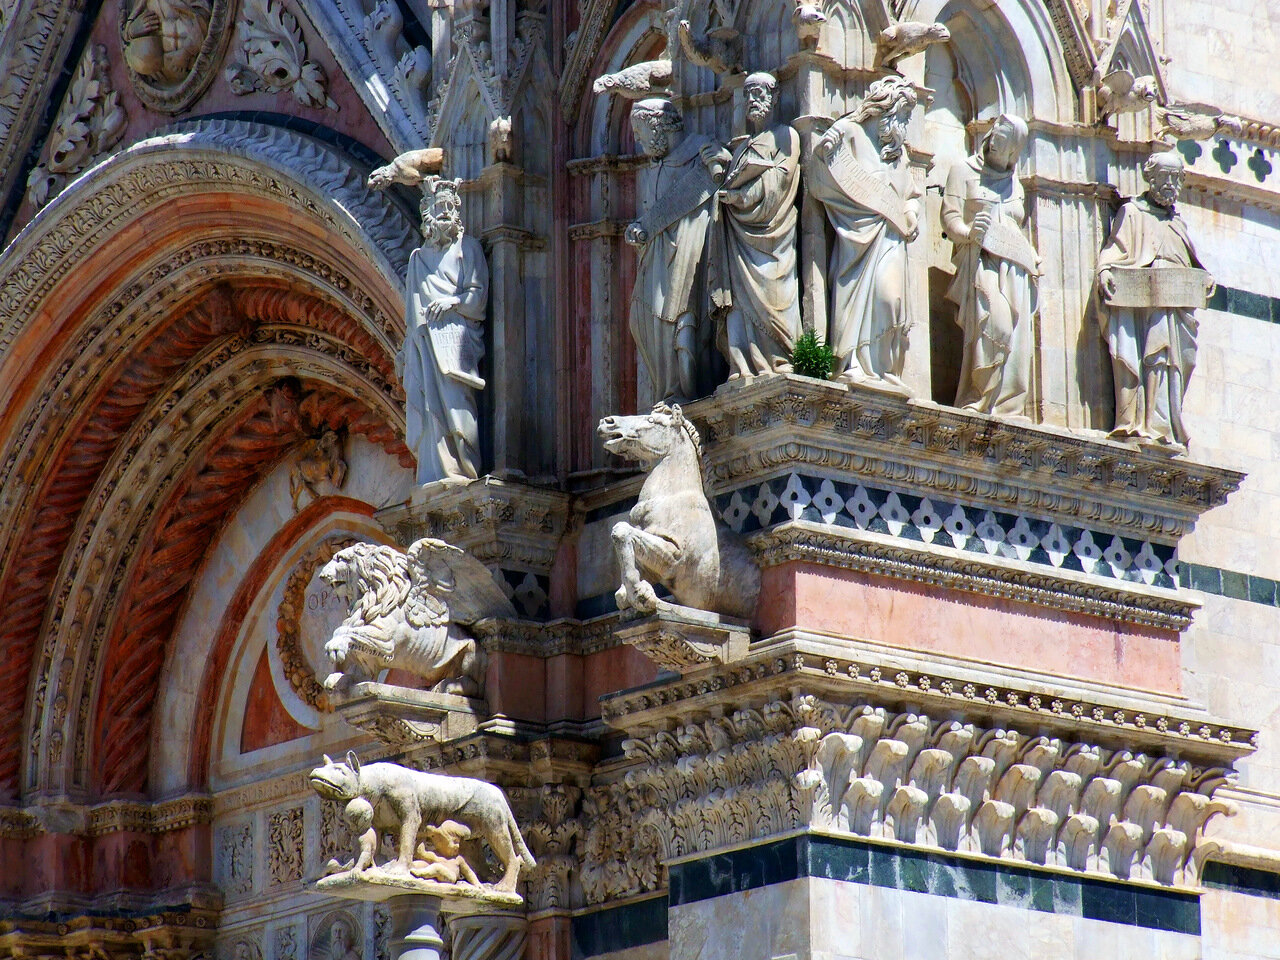 Скульптурные композиции на стене Кафедрального Собора (Сattedrale di Santa Maria Assunta; Duomo di Siena) города Сиена (Siena)